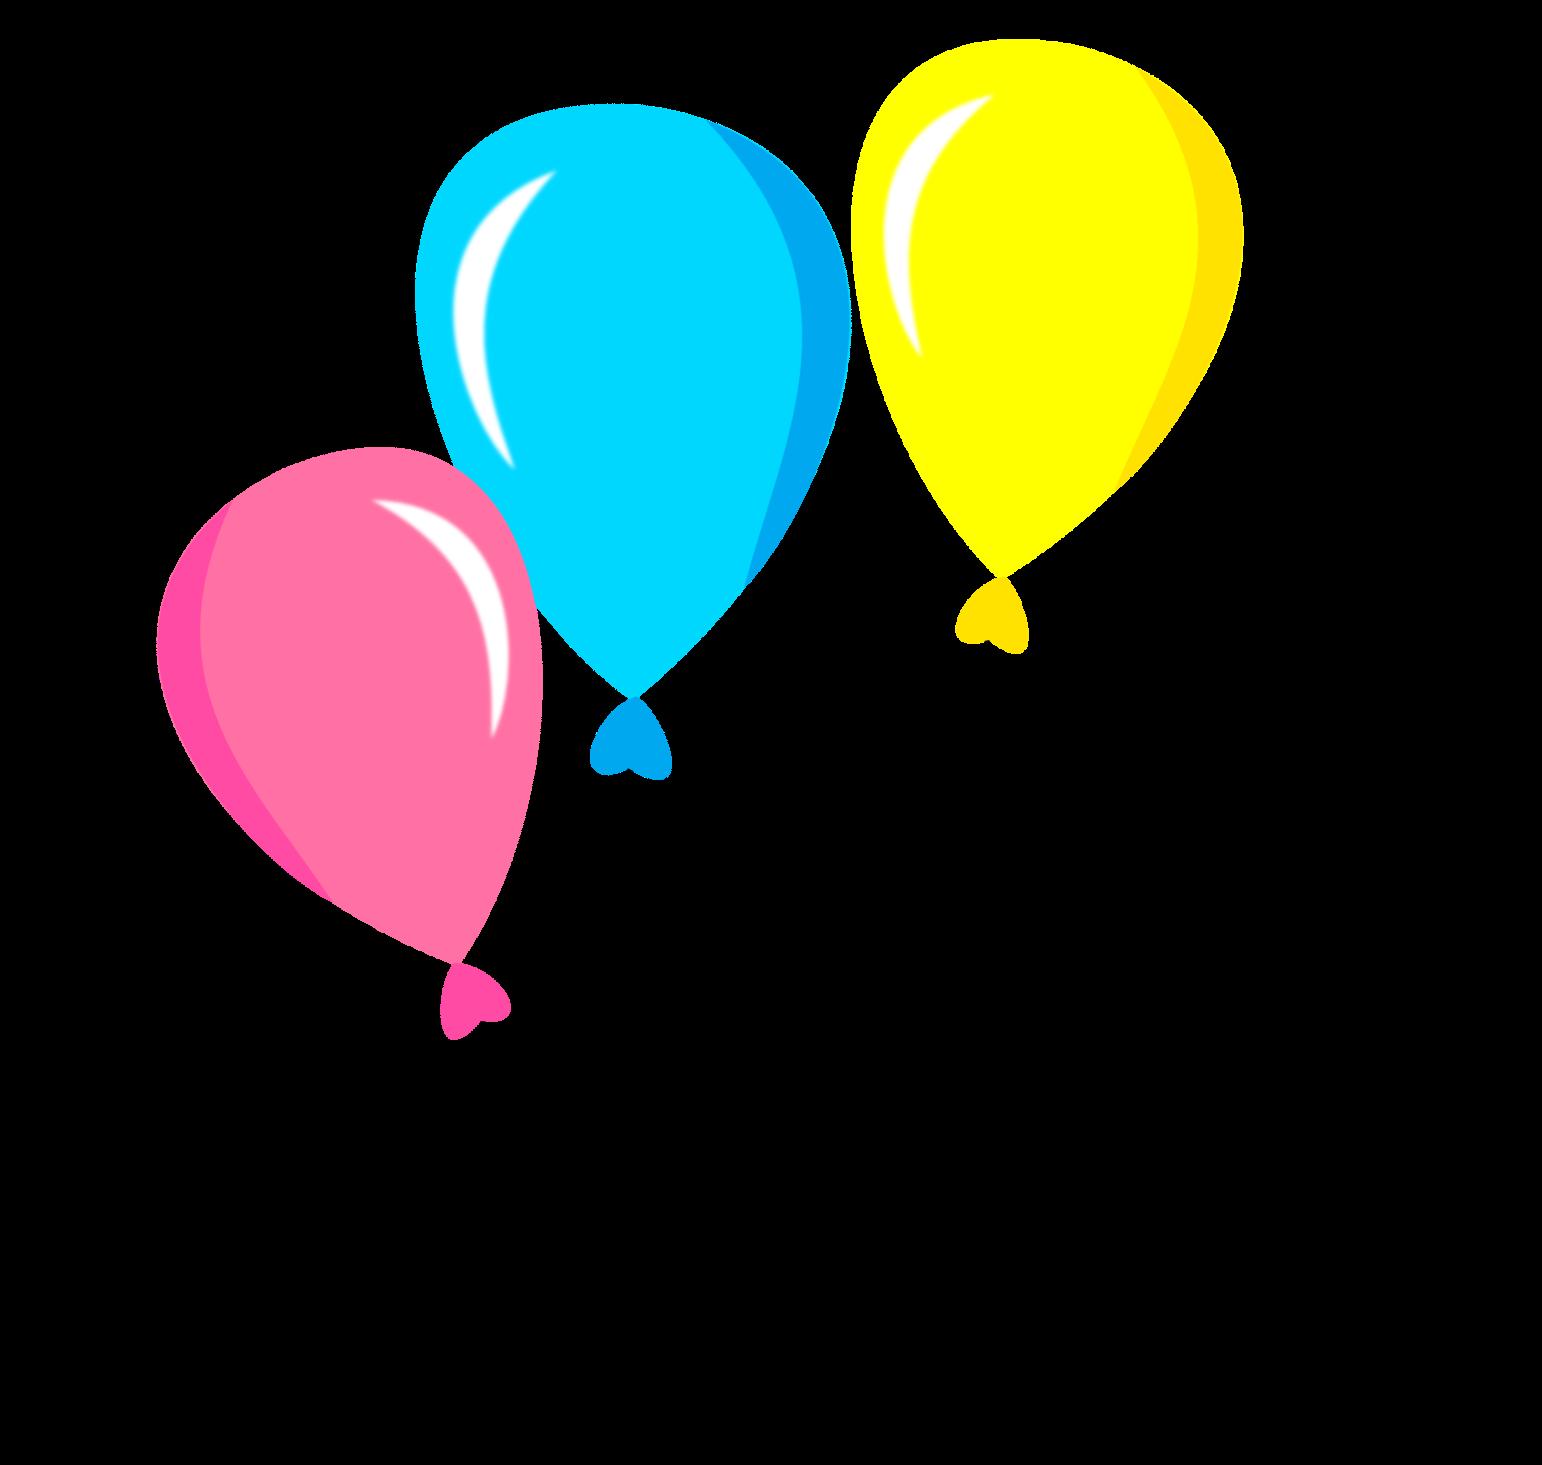 Clipart balloon circus. Bal es png pixels